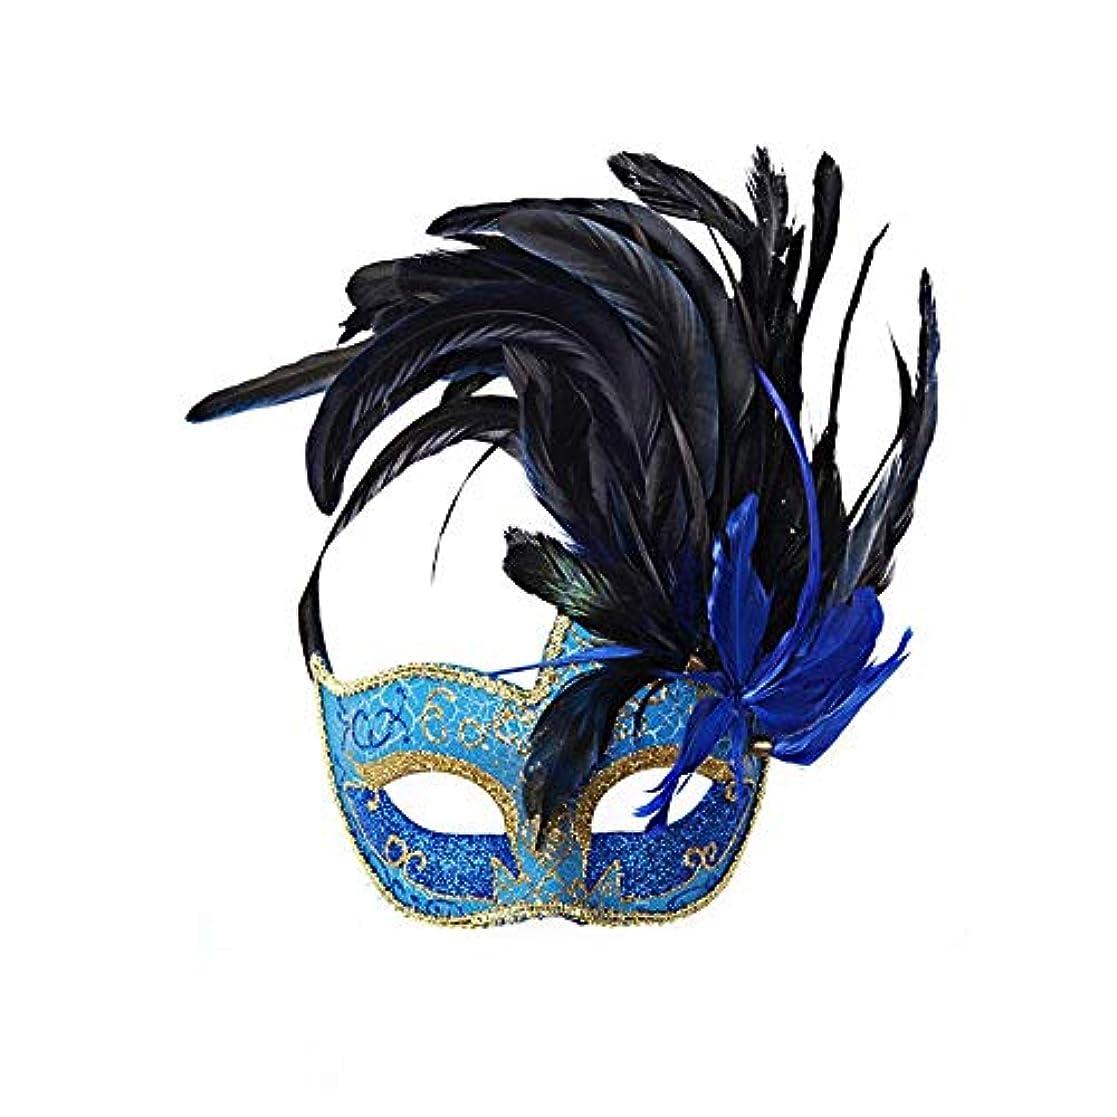 ブーム慢硫黄Nanle ハロウィンマスクハーフフェザーマスクベニスプリンセスマスク美容レース仮面ライダーコスプレ (色 : Style A blue)